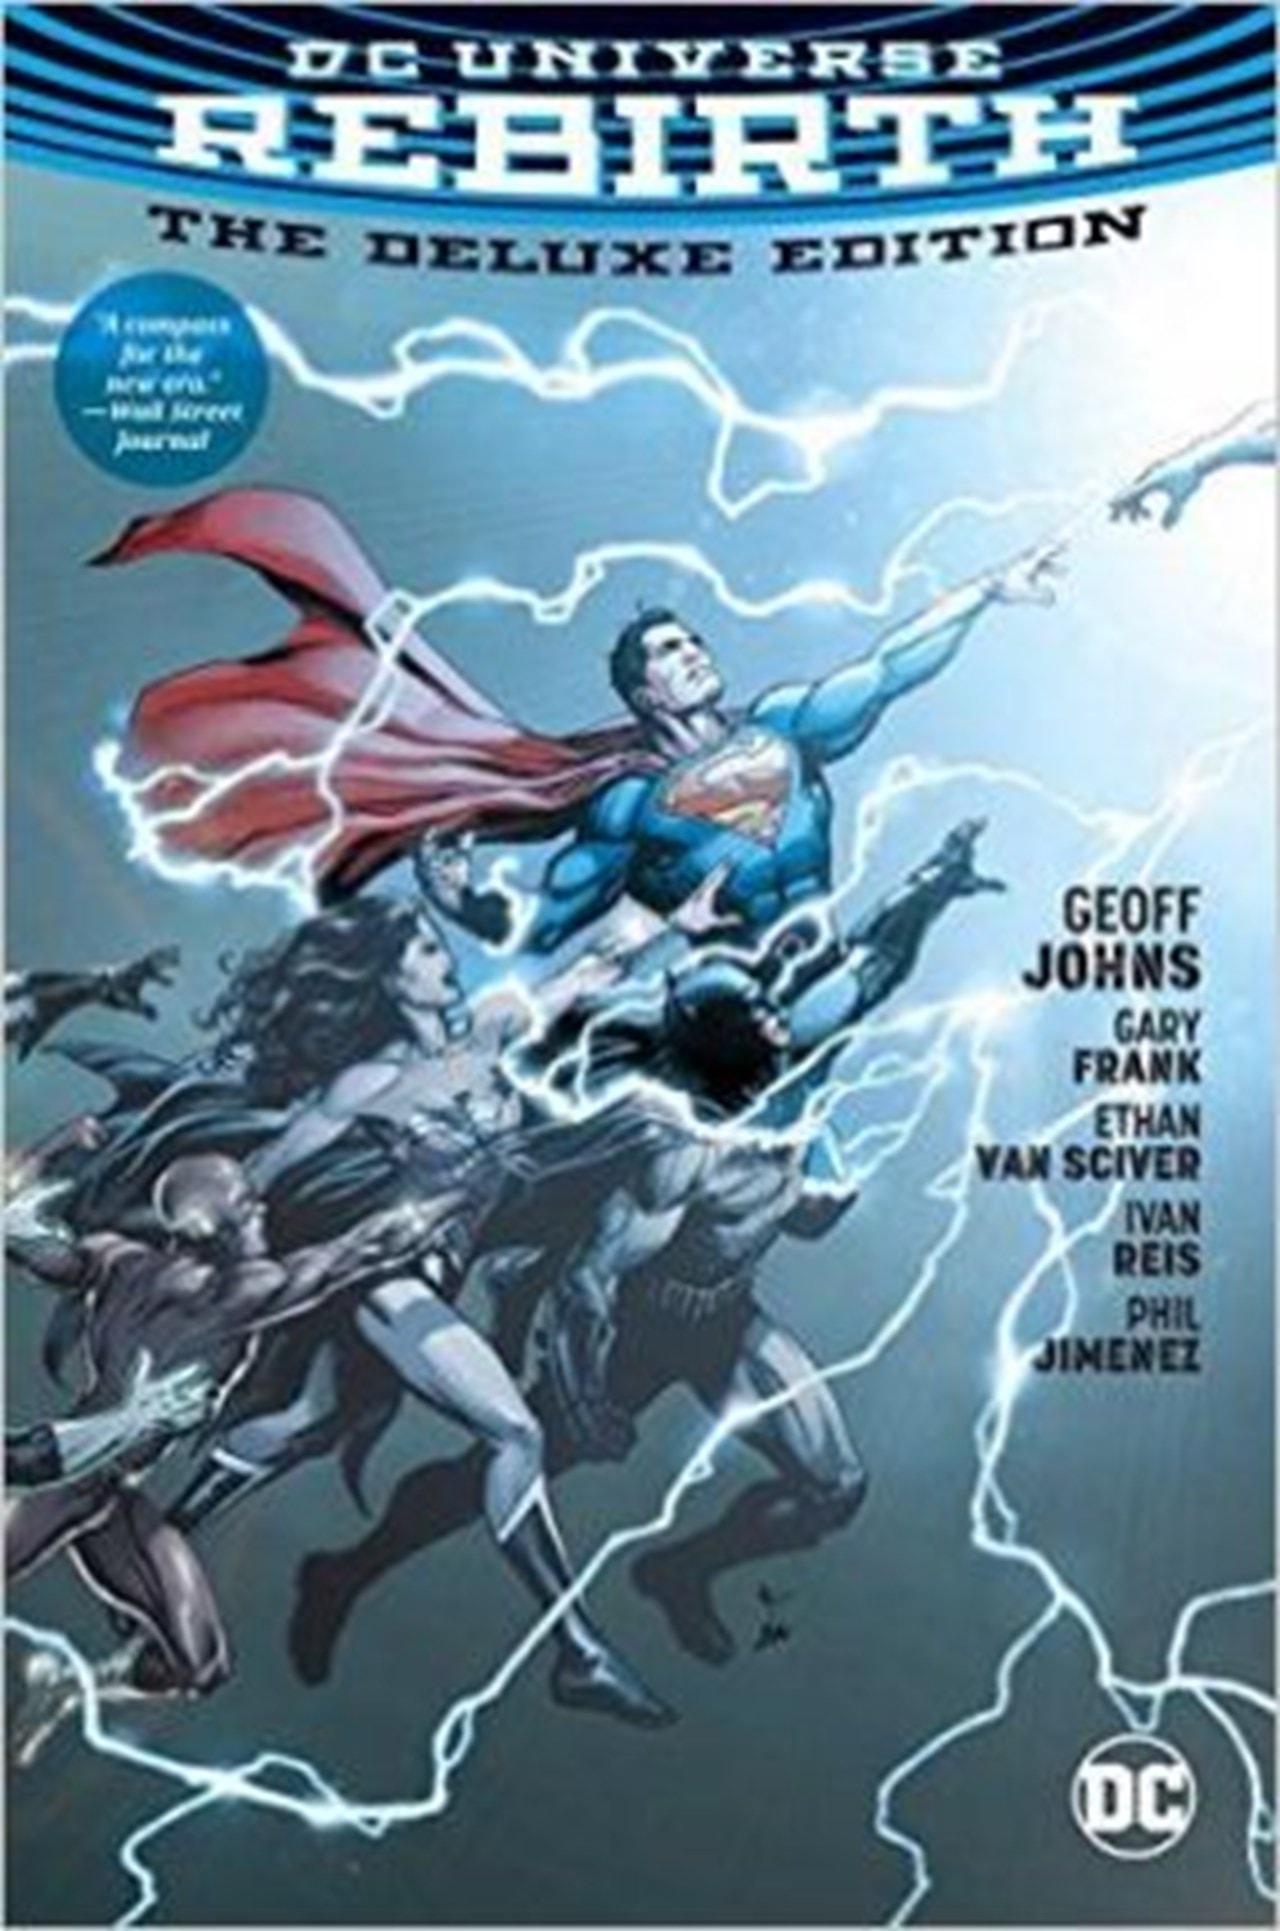 DC Universe Rebirth Deluxe Edition Hc - 1